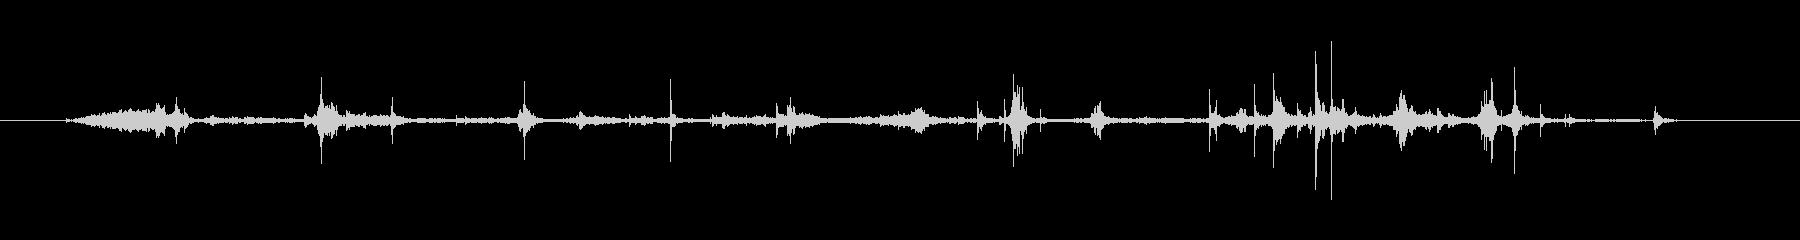 標準レターエンベロープ:マルチシー...の未再生の波形